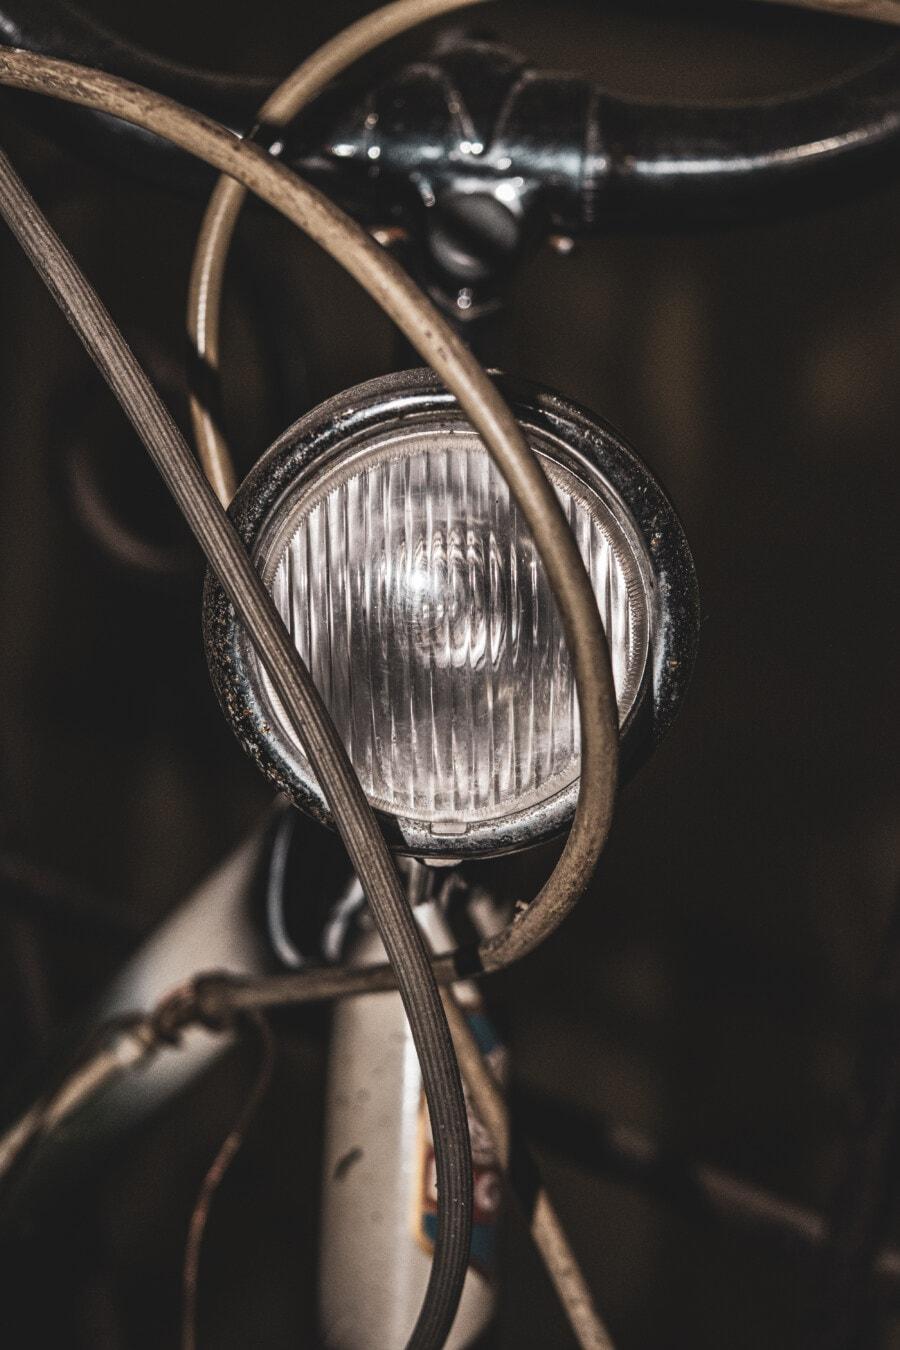 prednje svjetlo, bicikl, stari stil, klasično, starinsko, krom, izbliza, upravljač, nostalgija, staro